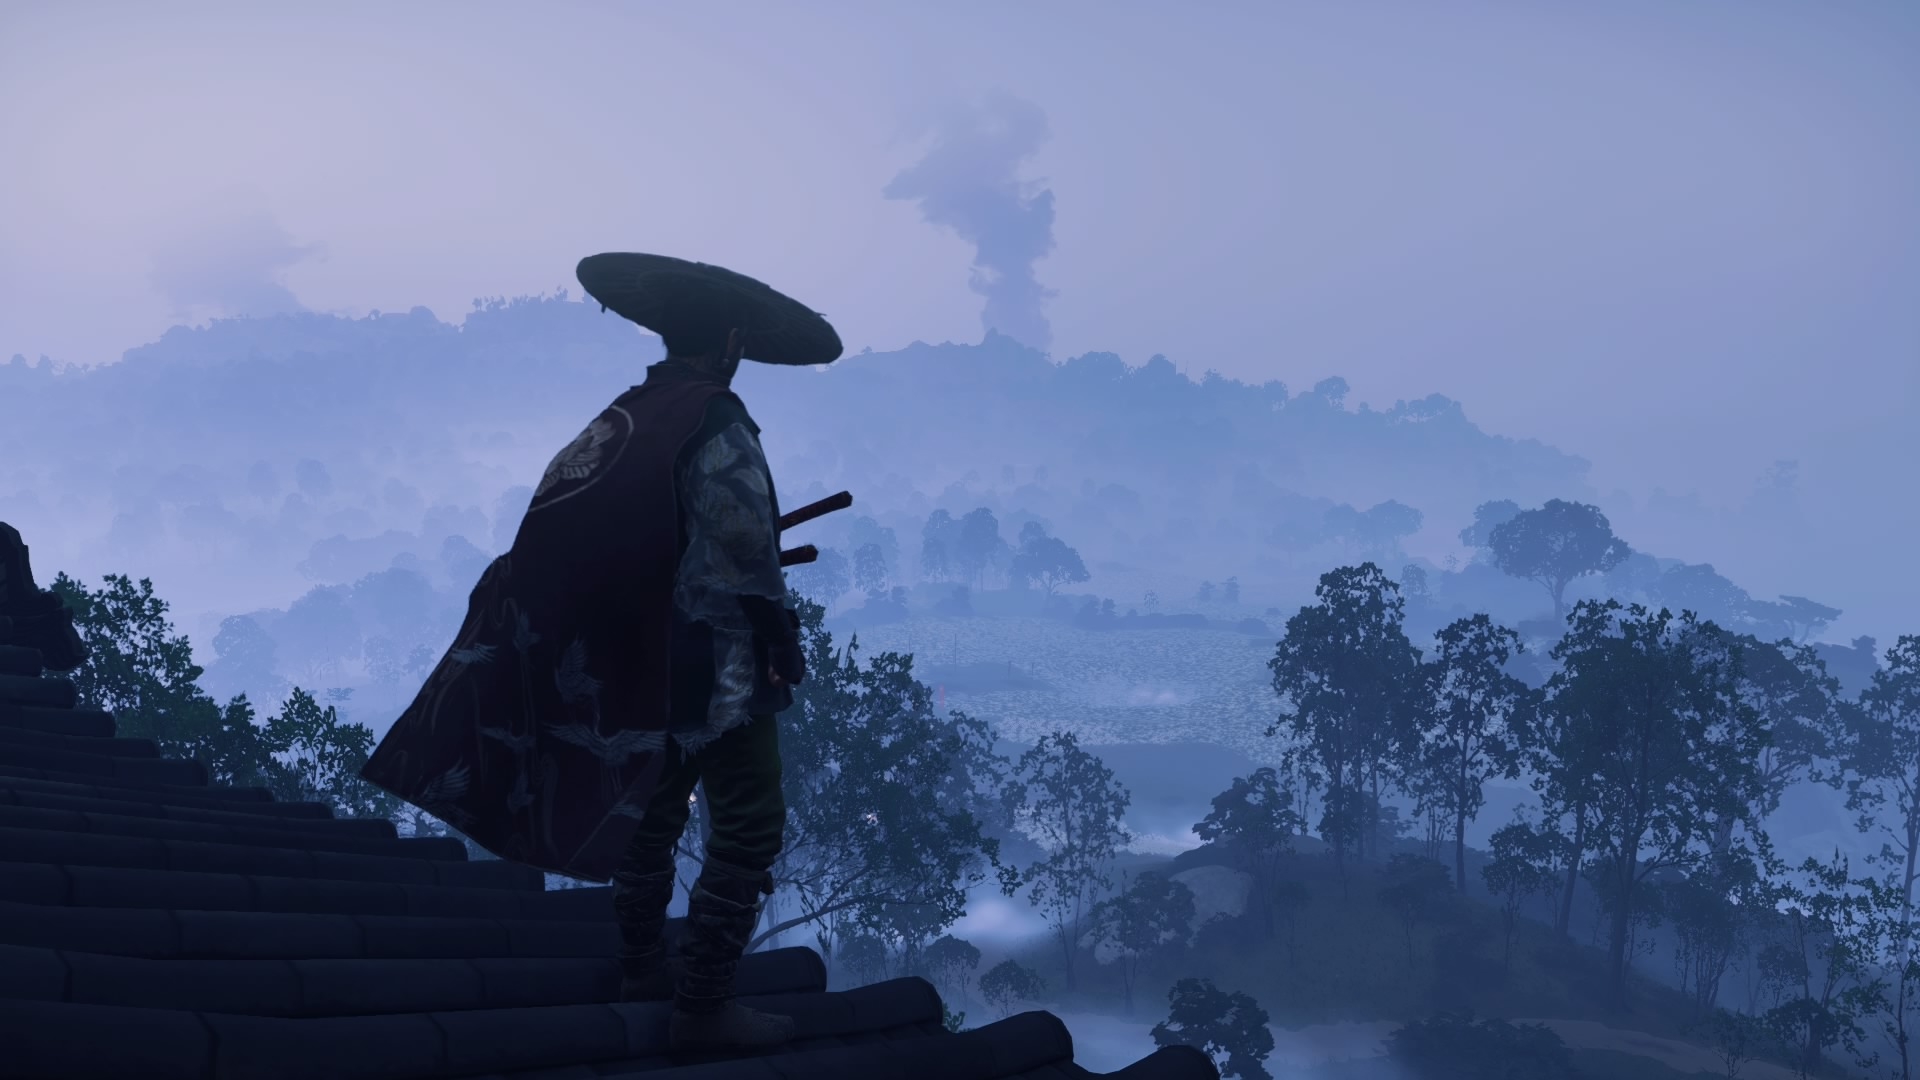 Cena do jogo Ghost of Tsushima. Fim de tarde, com um céu azulado. Jin Sakai, o protagonista, está de costas para a câmera, observando a paisagem marcada por árvores e montanhas imersas em uma neblina densa. Ao longe, uma coluna de fumaça se ergue. Jin usa um chapéu de palha circular e roupas de viajante, com uma capa carmesim.